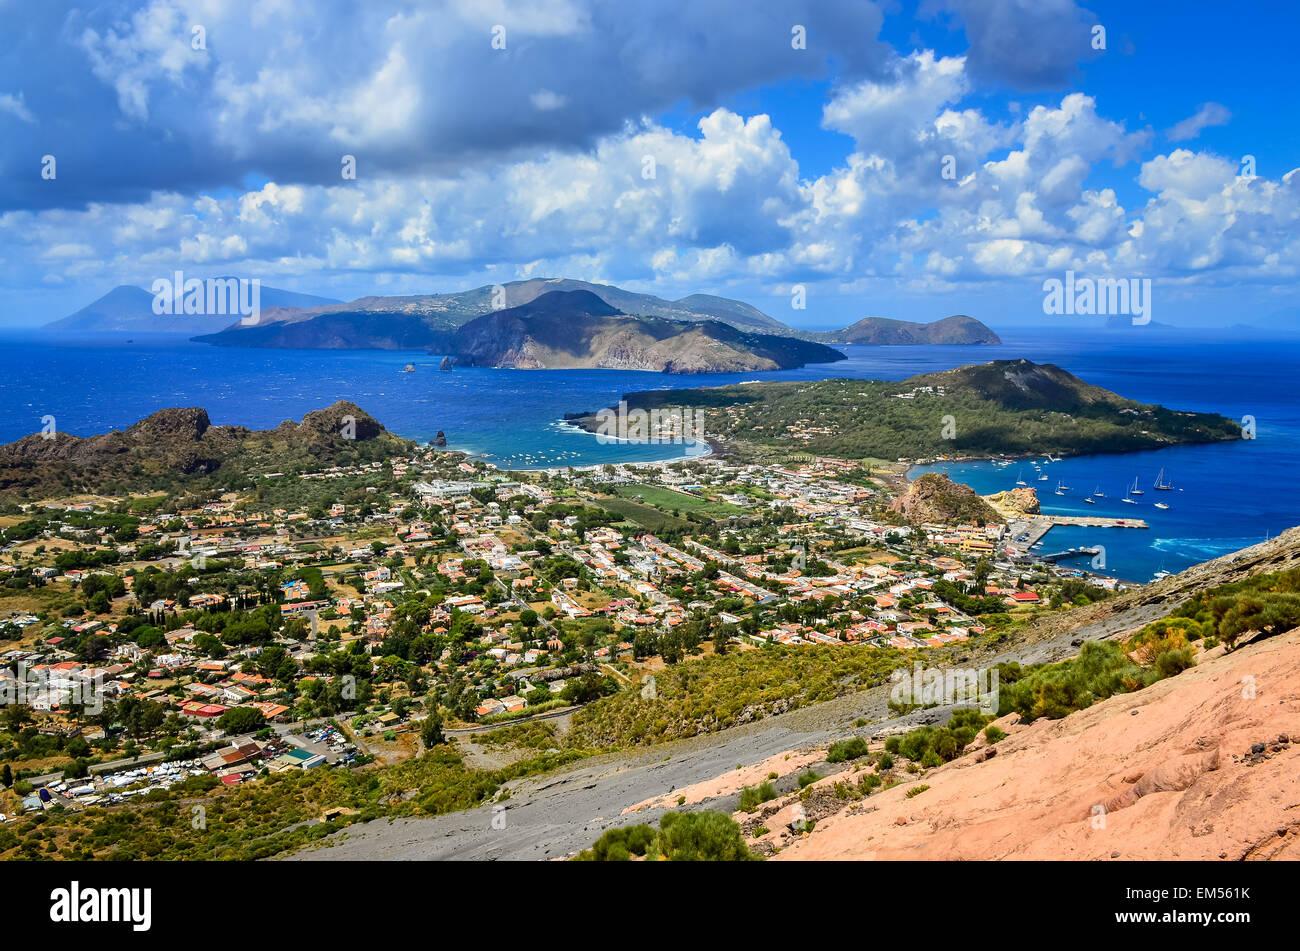 Vista del paesaggio delle isole Lipari in Sicilia, Italia Immagini Stock